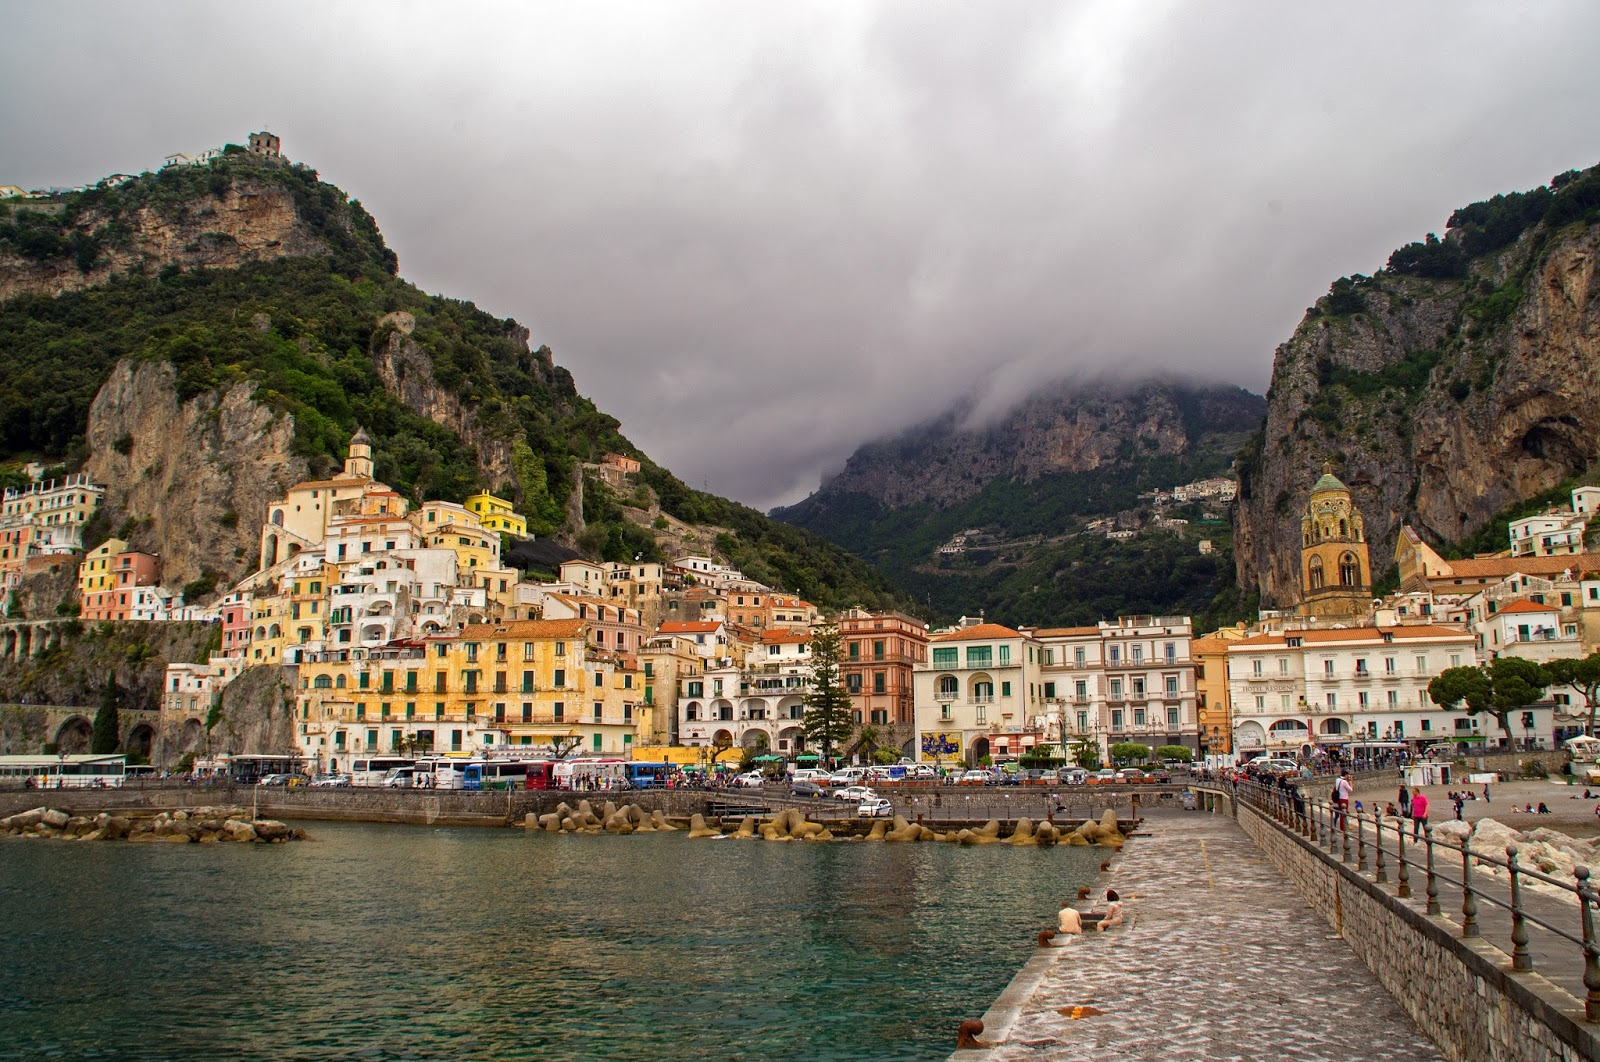 Our Amalfi Coast Photo Diary